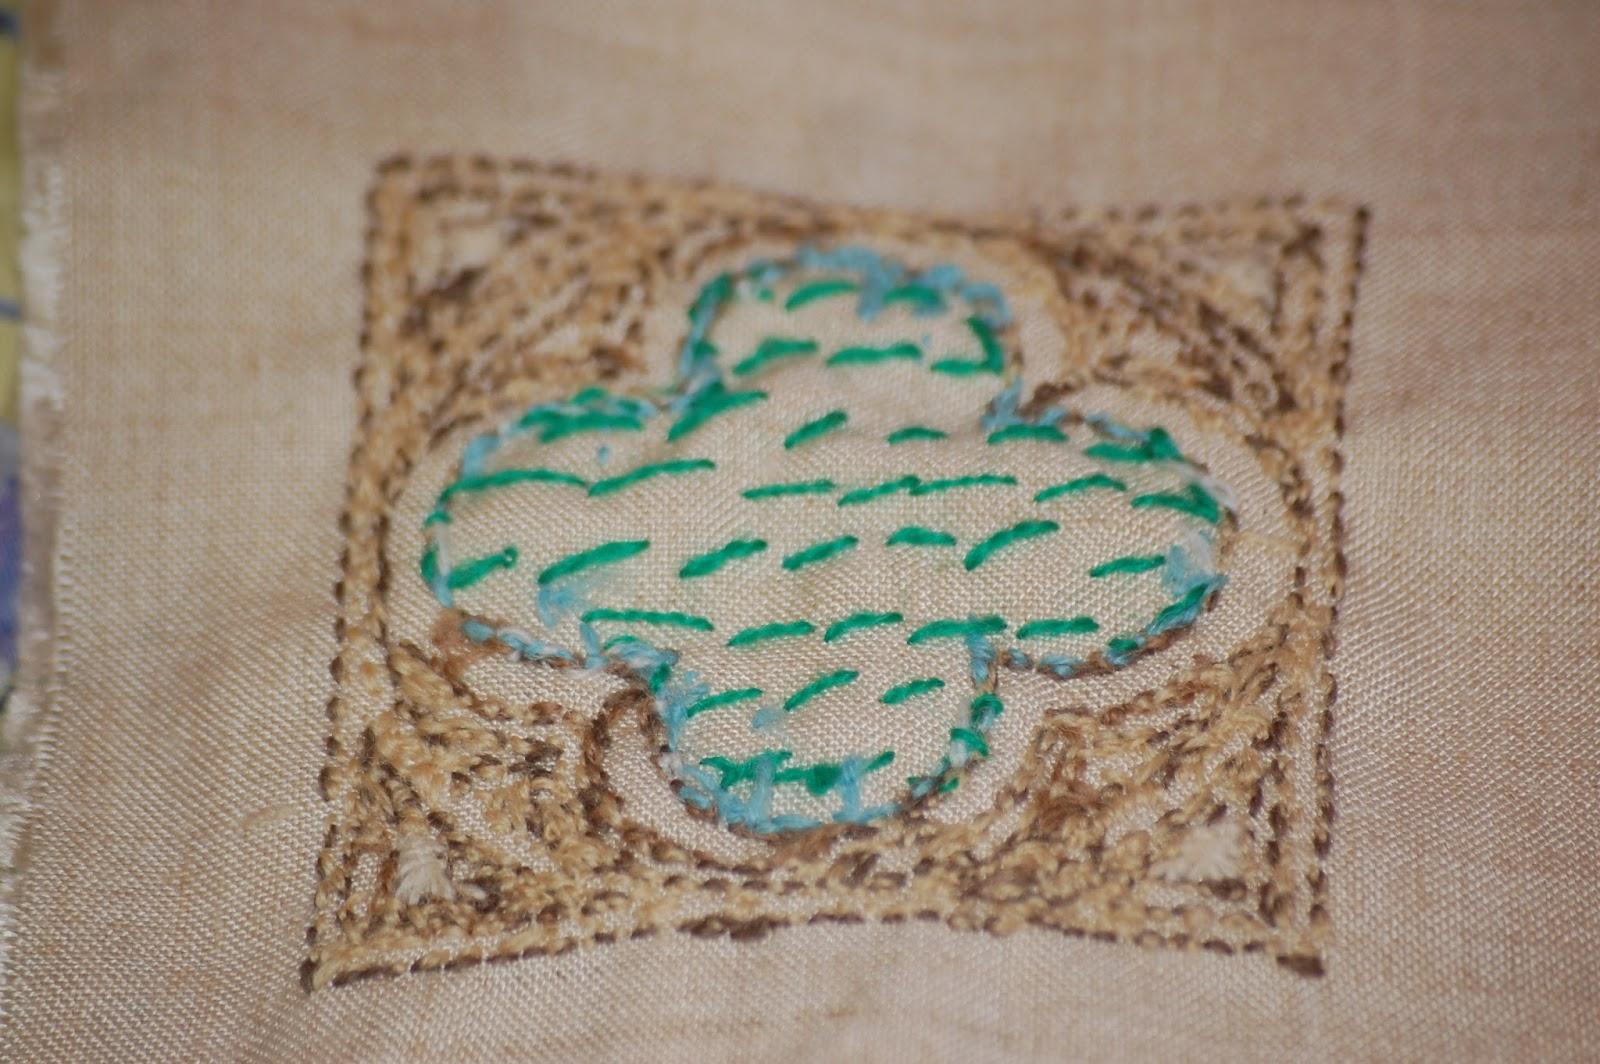 Cornish needlework basket le point de bayeux the